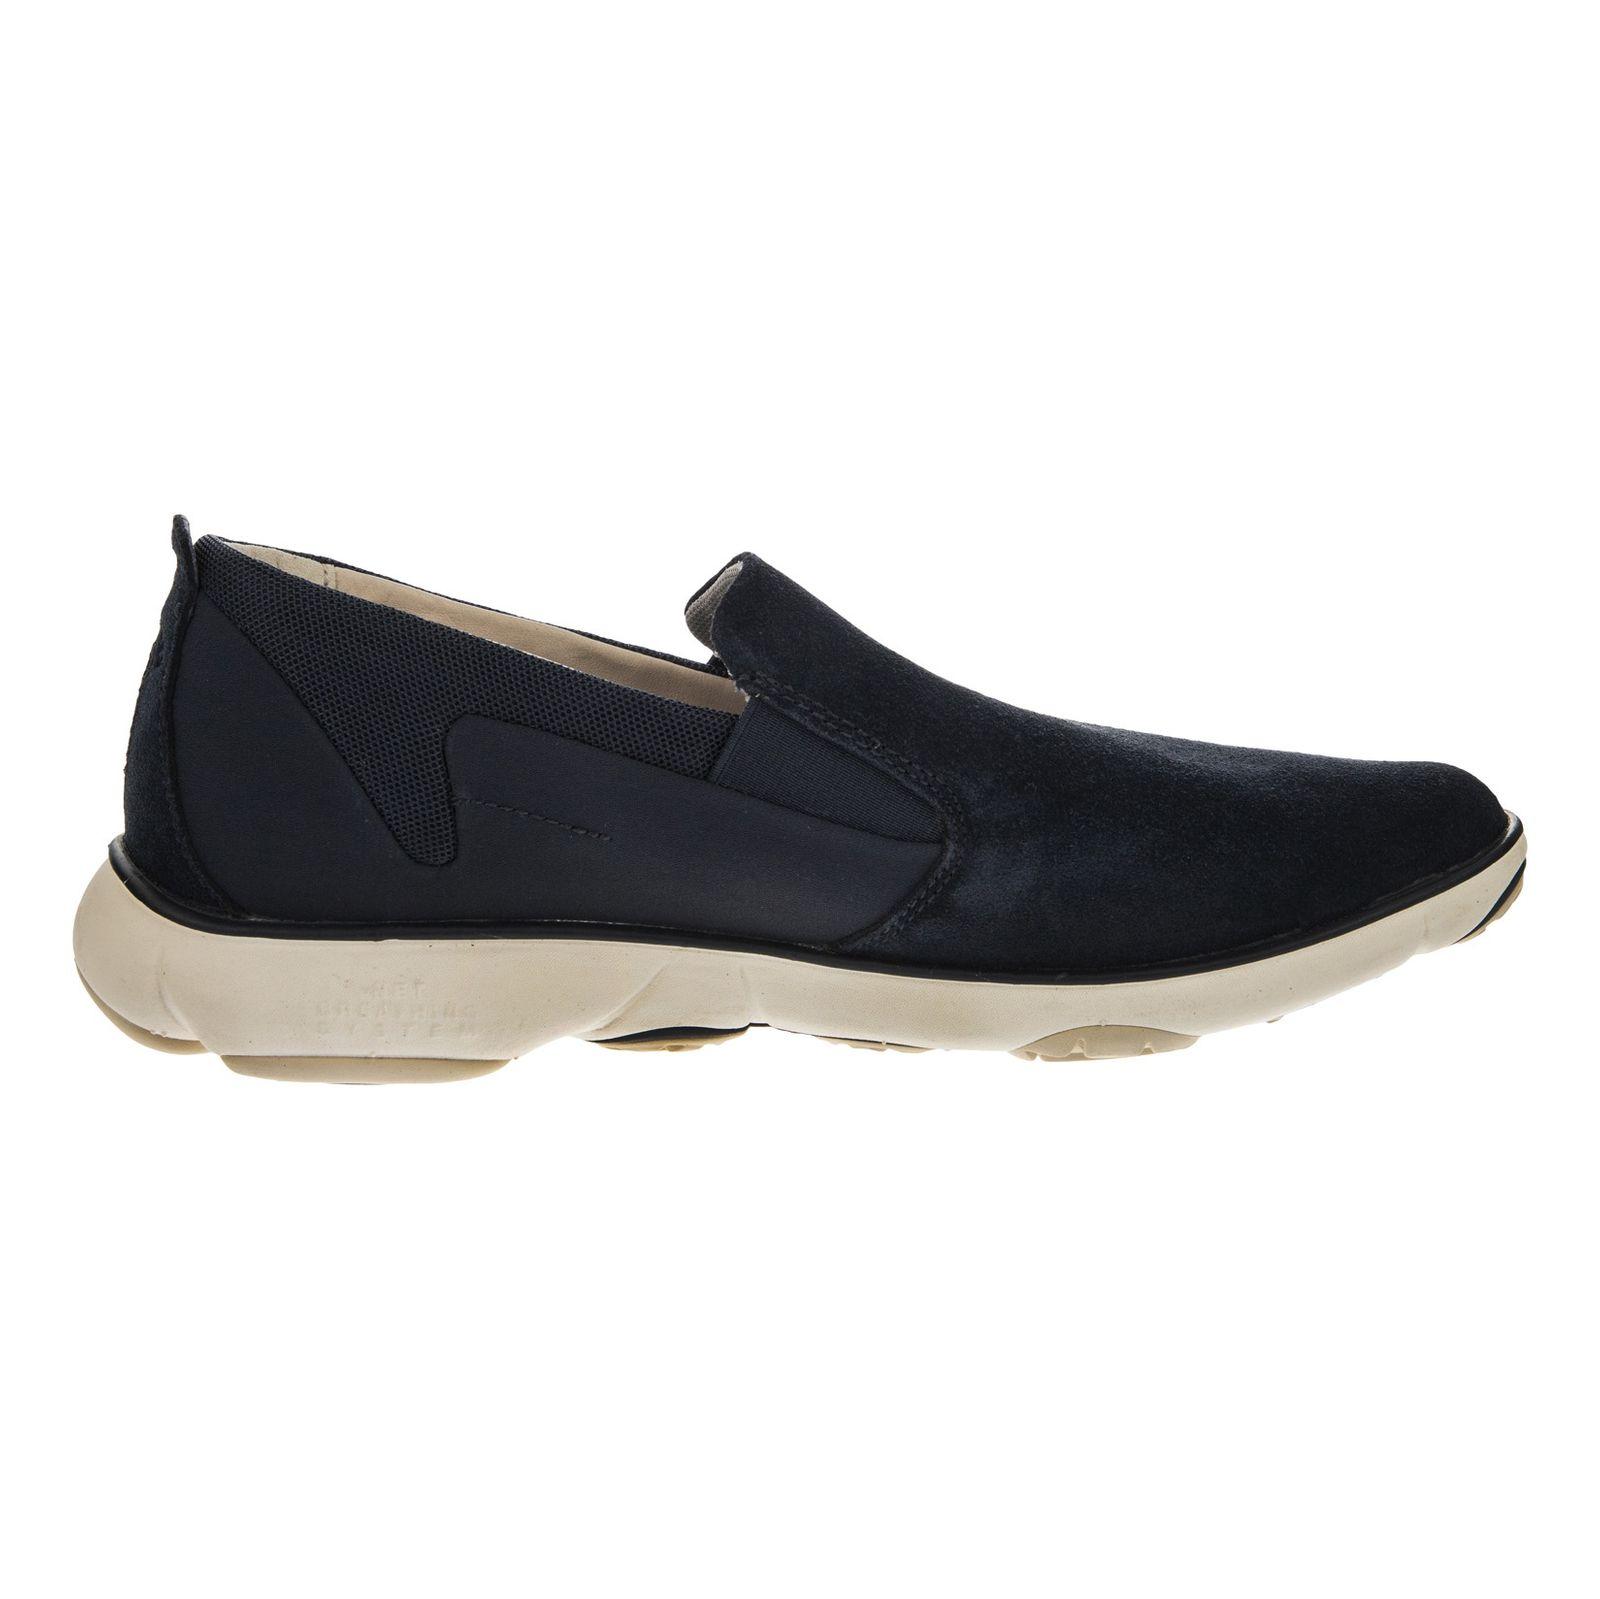 کفش روزمره مردانه جی اوکس مدل U82D7E-02211-C4002 -  - 2